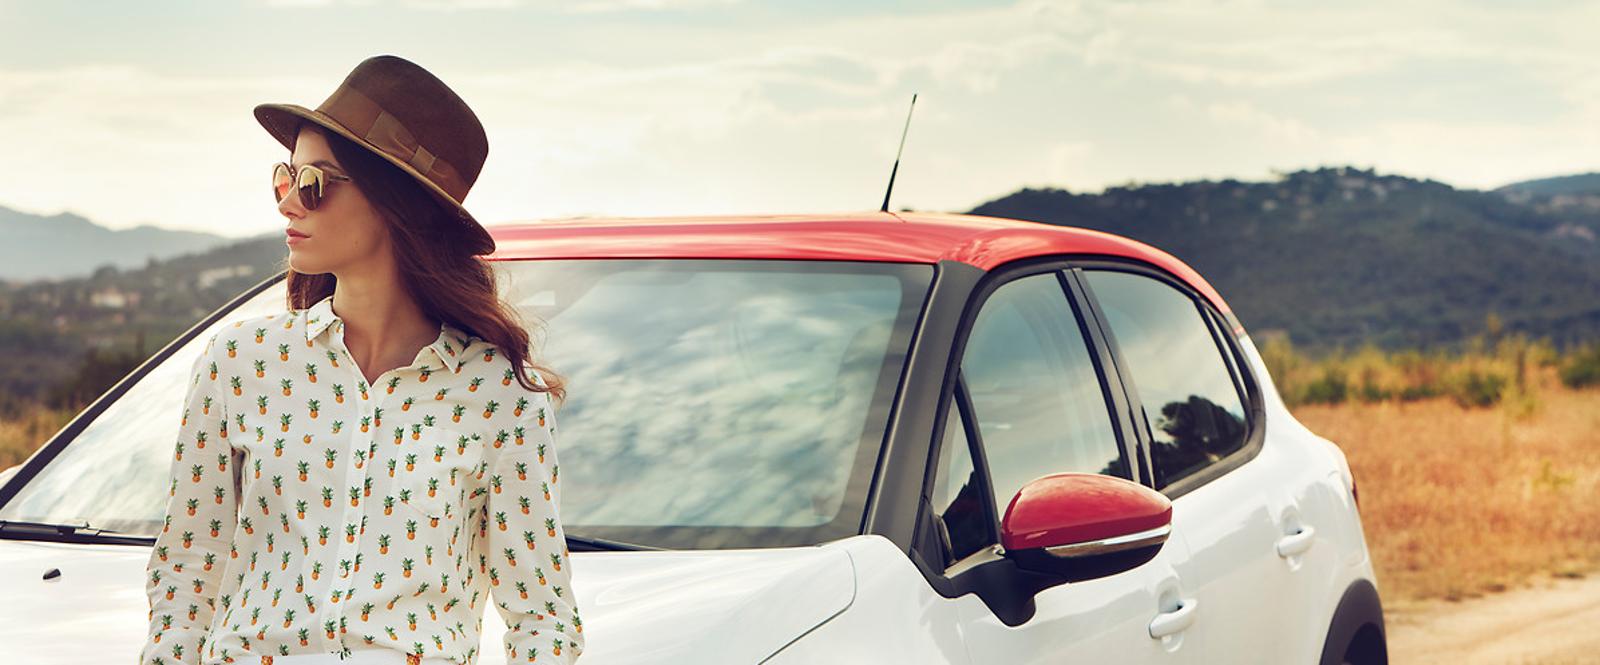 Mujer sentada en coche